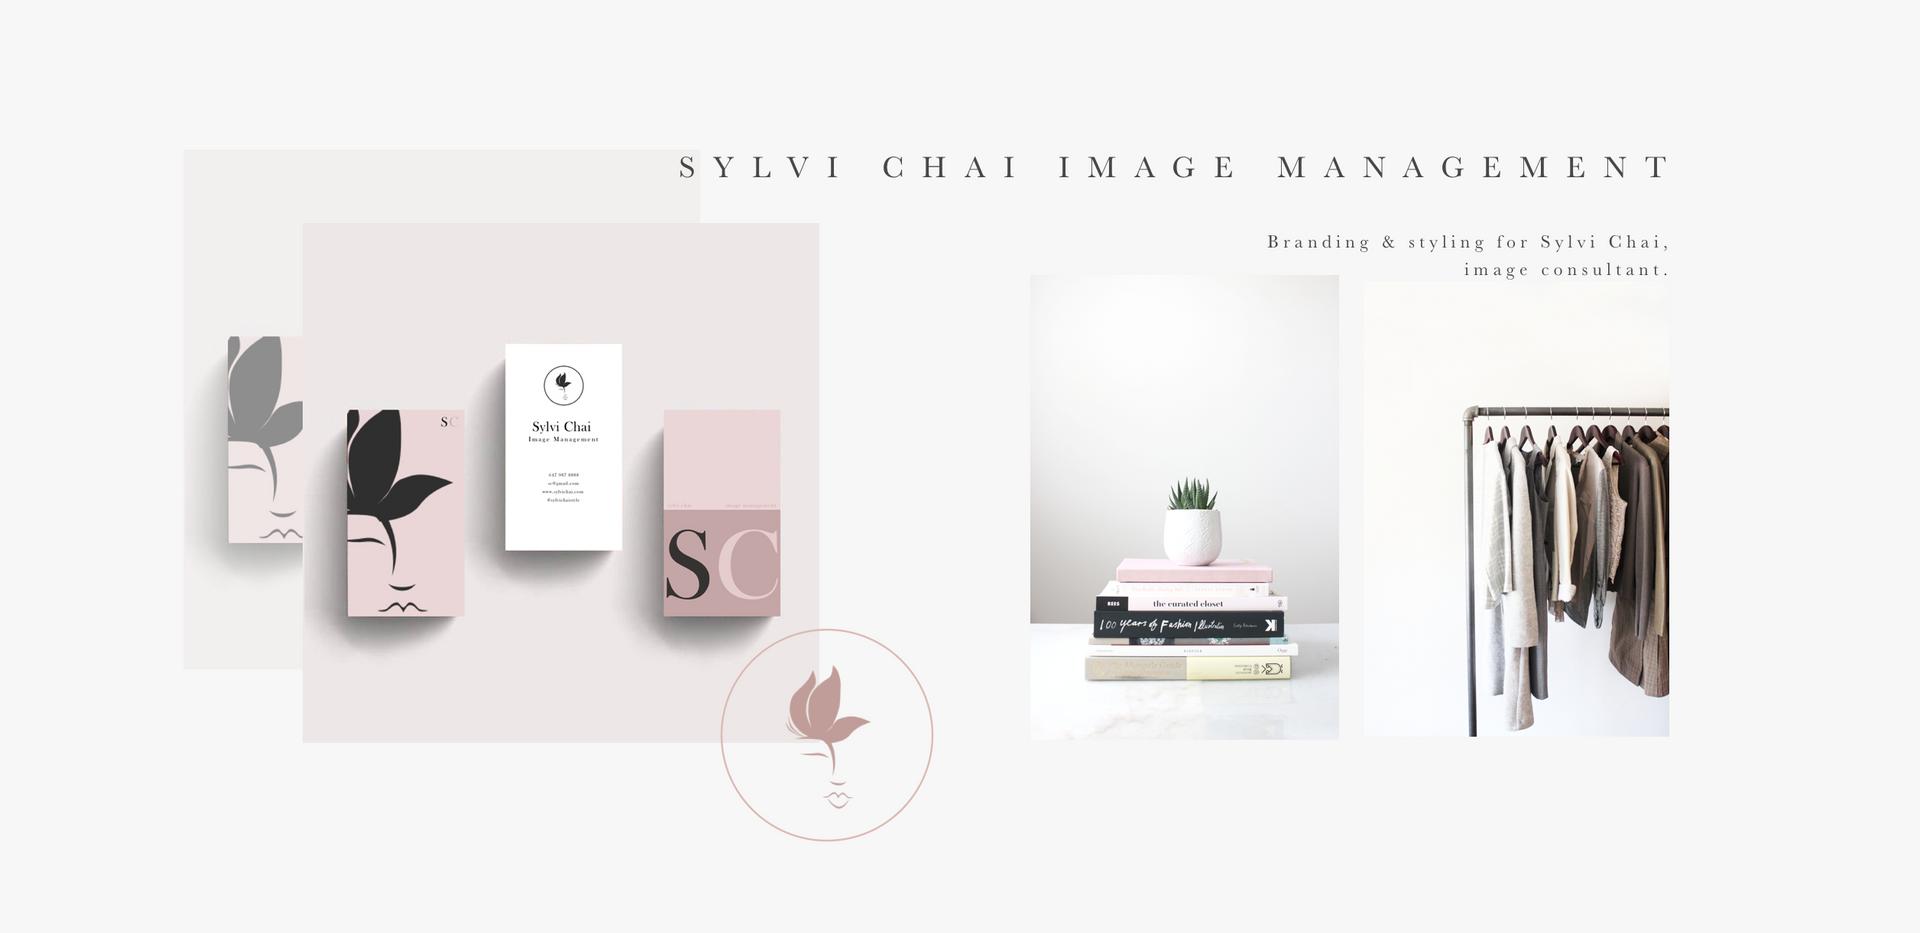 SYLVI CHAI IMAGE MANAGEMENT